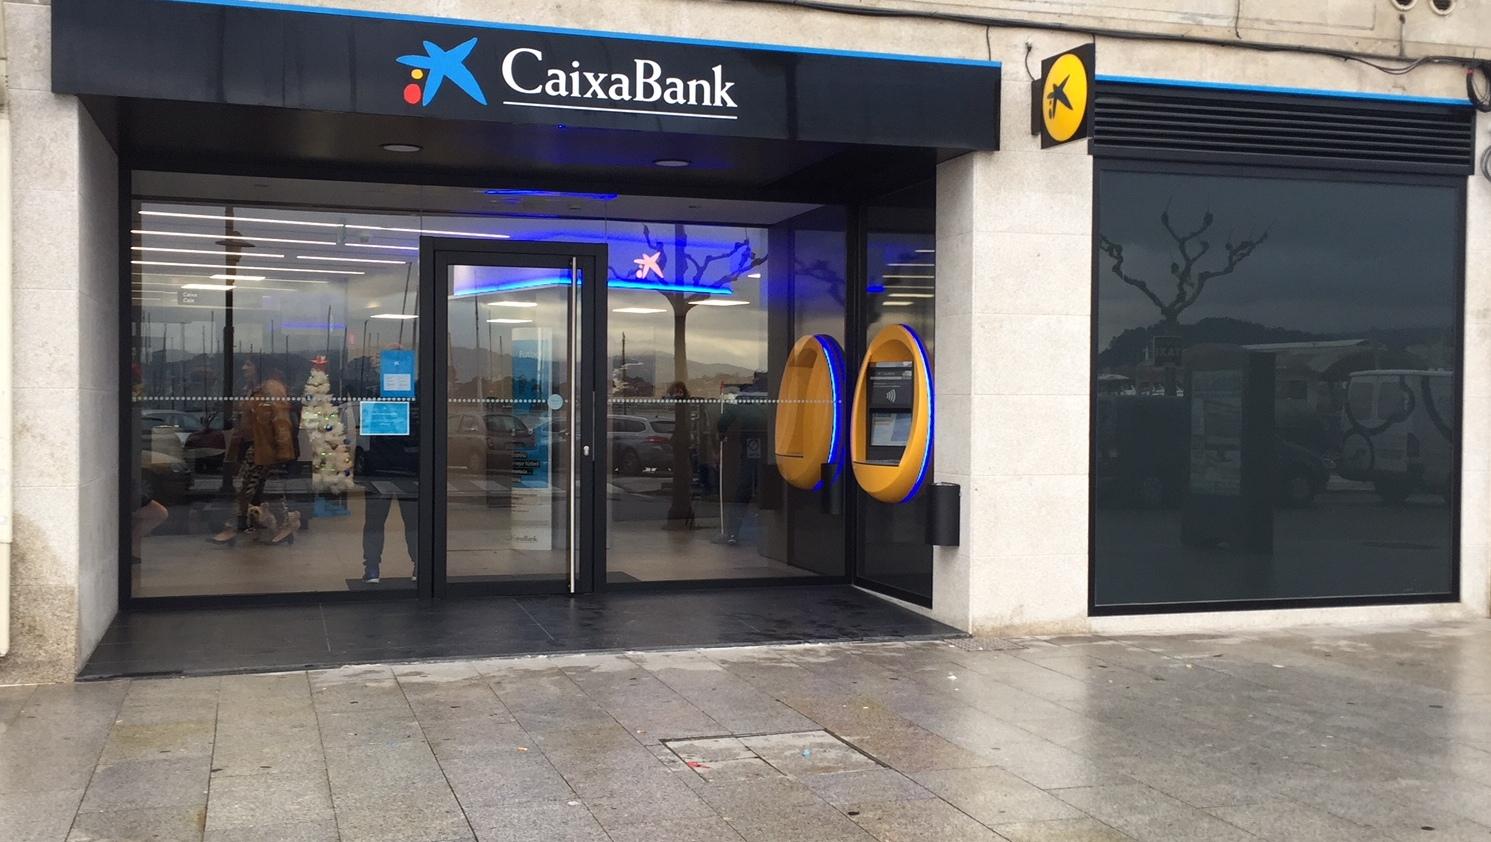 Caixabank obre una nova oficina a cangas per refor ar les for Oficines caixabank